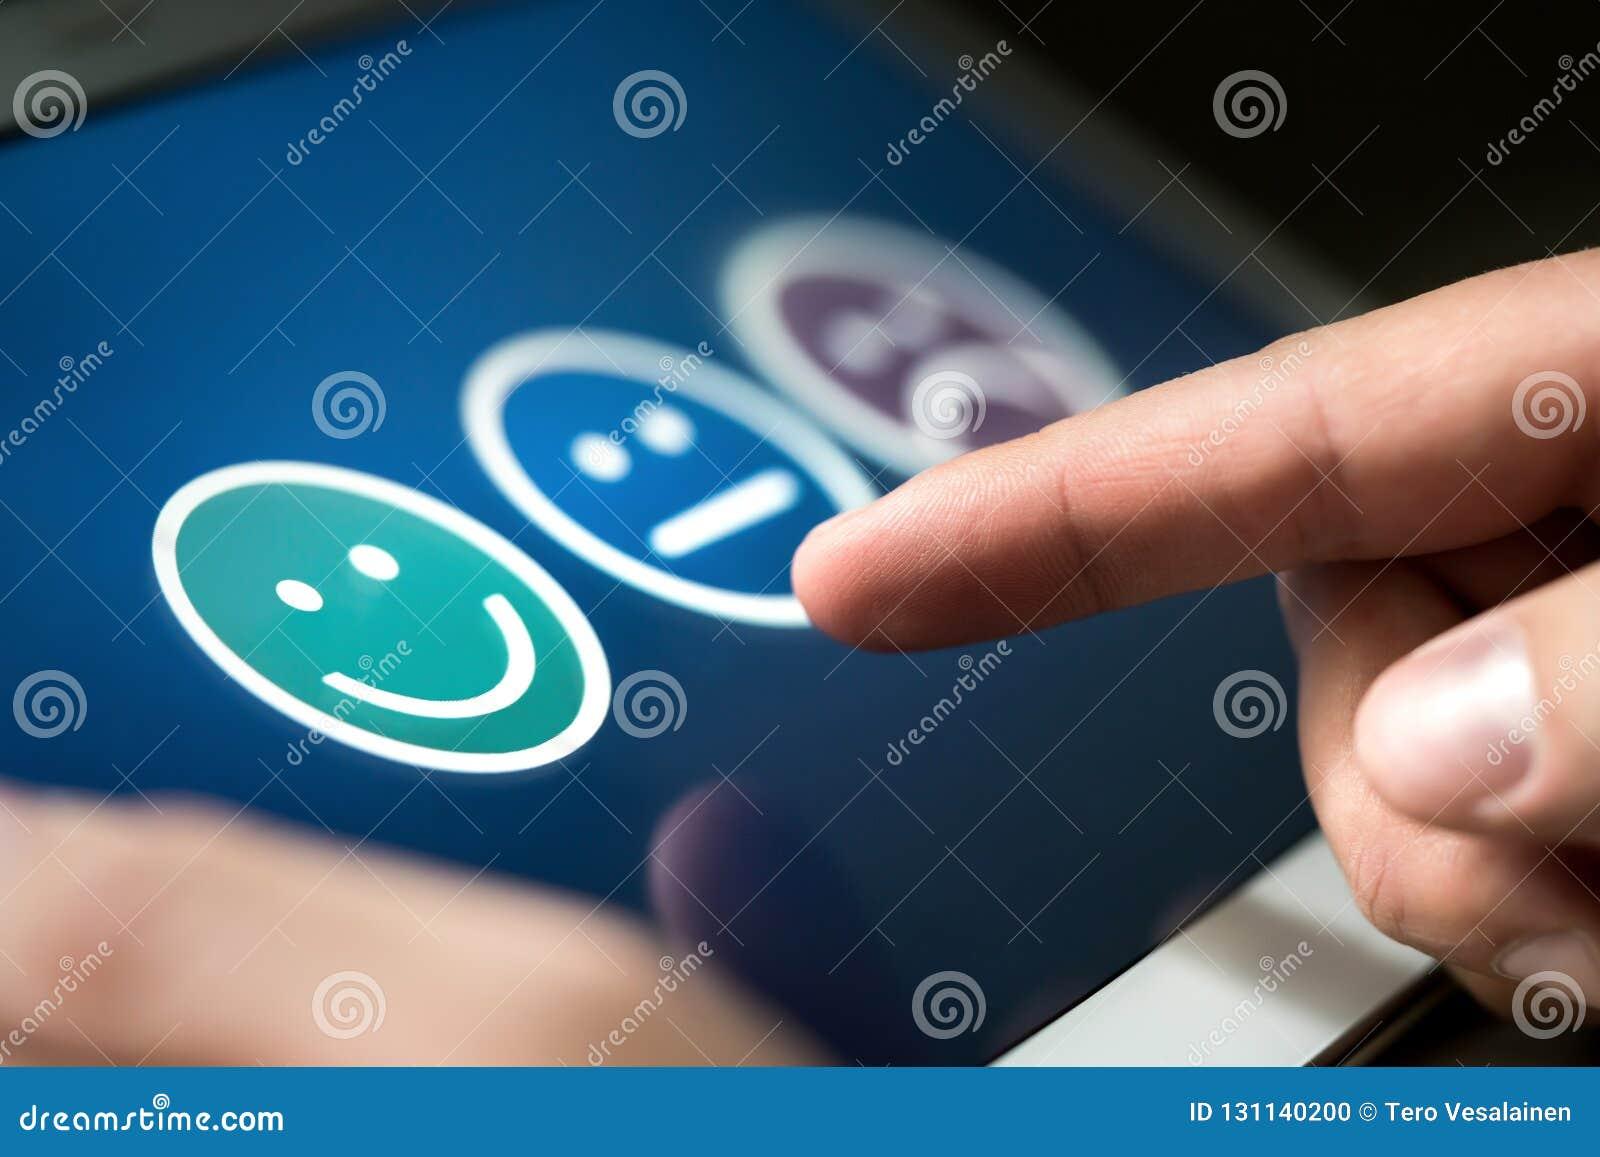 Indagine, scrutinio o questionario per esperienza utente o ricerca di soddisfazione del cliente